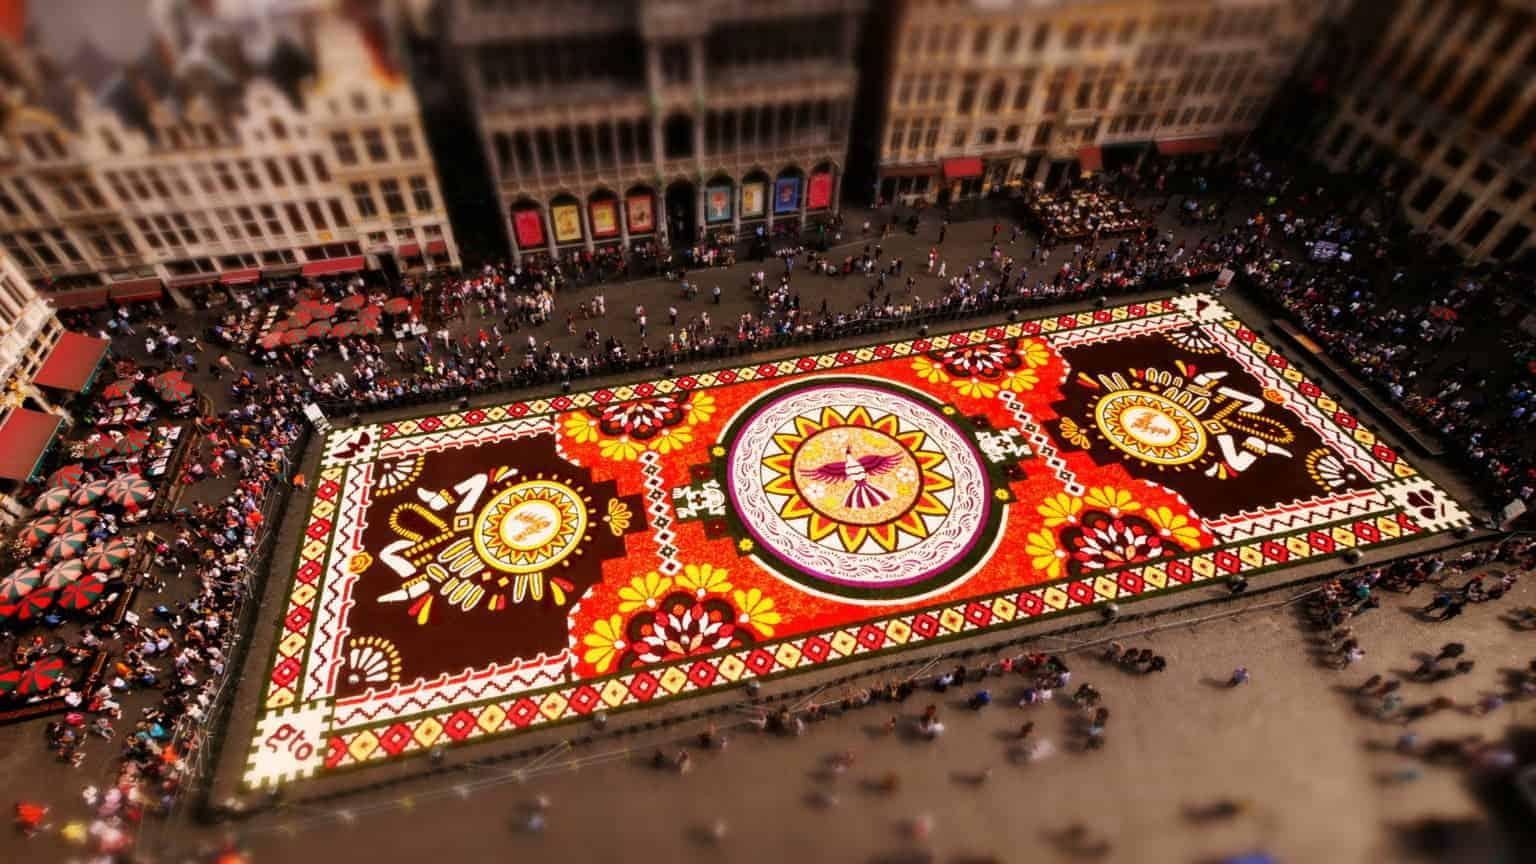 Bloementapijt Grote Markt Brussel